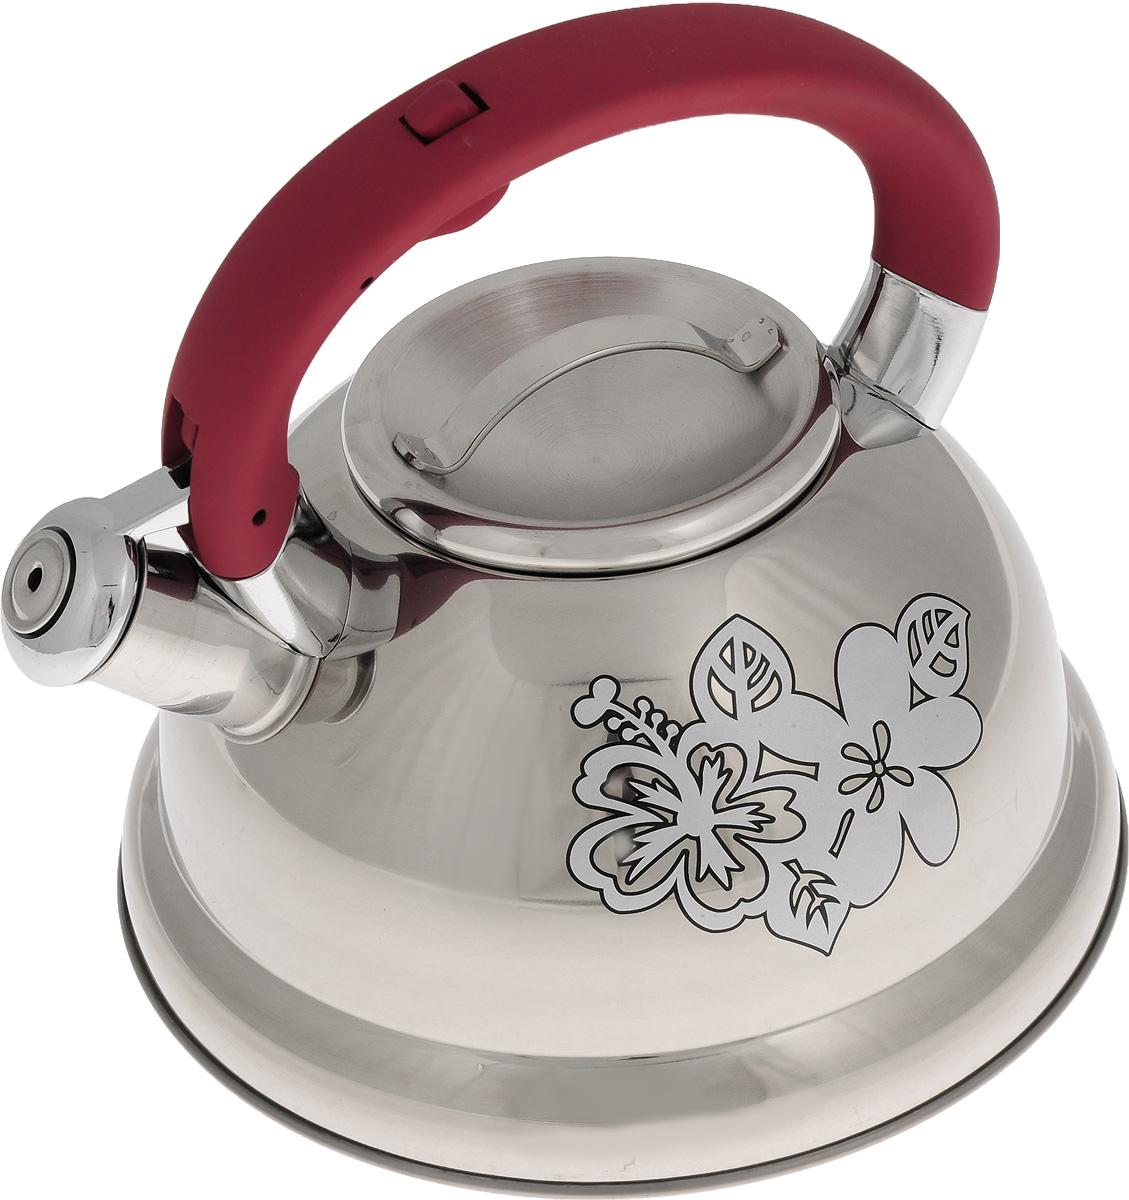 Чайник Mayer & Boch, со свистком, цвет: стальной, амарант, 2,6 л. 22787115510Чайник Mayer & Boch выполнен из высококачественной нержавеющей стали, что обеспечивает долговечность использования. Изделие оформлено изящным рисунком, который одновременно является индикатором цвета - при нагревании рисунок на корпусе меняет цвет. Ручка из бакелита делает использование чайника очень удобным и безопасным. Чайник снабжен свистком и кнопкой для открывания носика. Эстетичный и функциональный чайник будет оригинально смотреться в любом интерьере. Пригоден для использования на газовых, электрических, стеклокерамических и индукционных плитах. Можно мыть в посудомоечной машине.Диаметр чайника по верхнему краю: 10 см. Высота чайника (с учетом ручки): 20 см. Высота чайника (без учета ручки): 11,3 см.